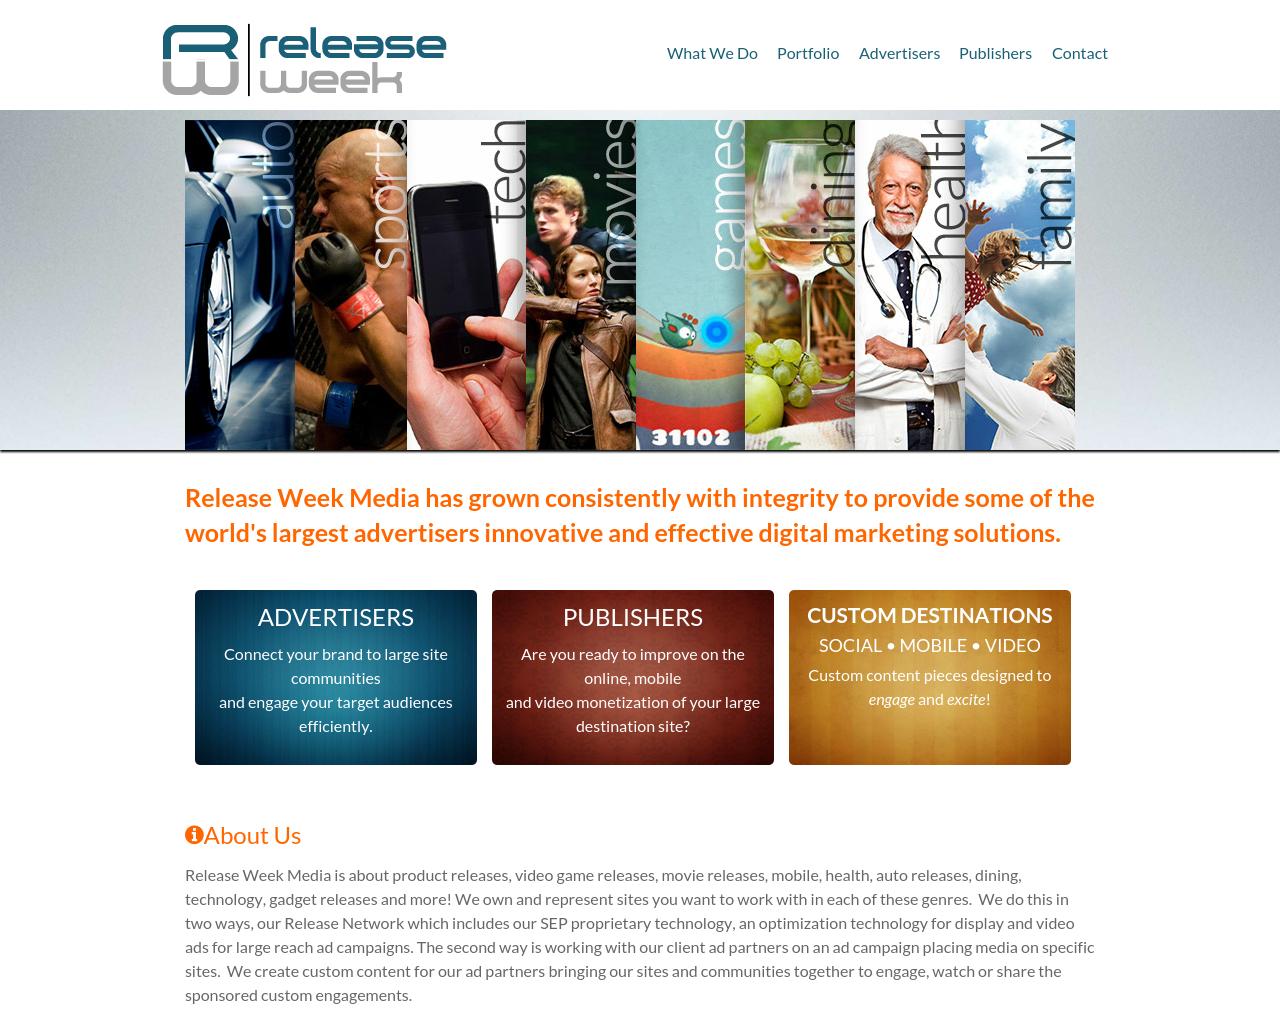 Release-Week-Media-Advertising-Reviews-Pricing